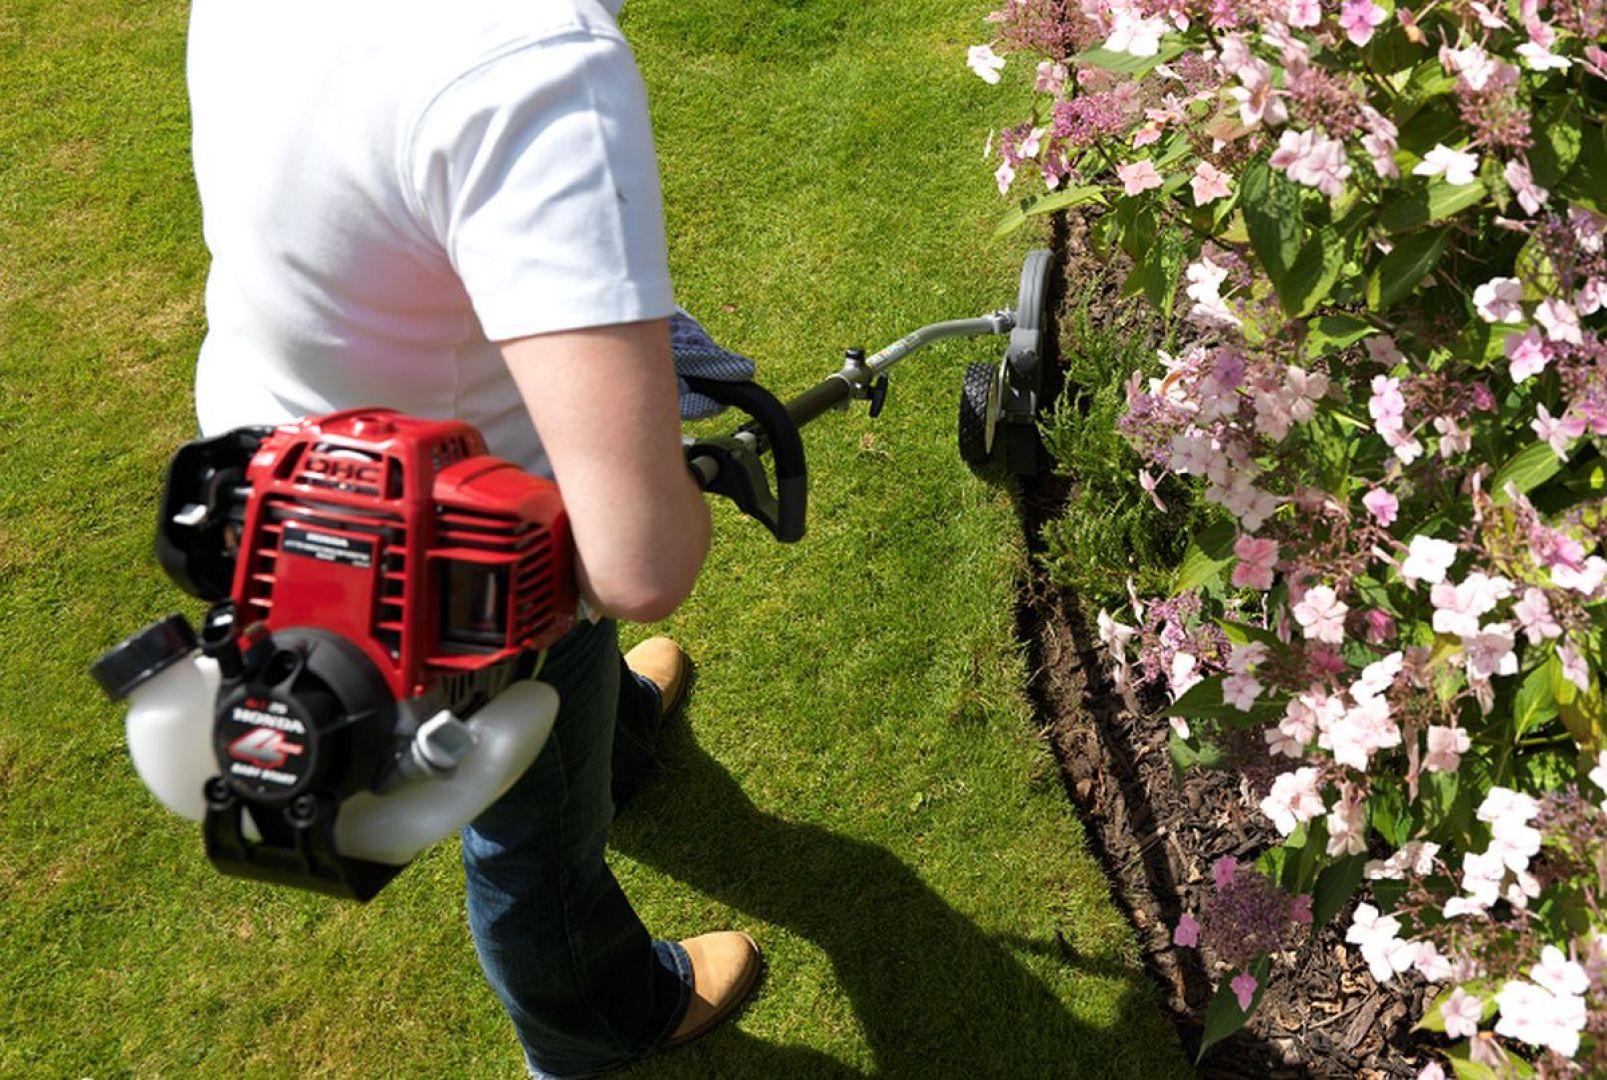 Pomocnym narzędziem do utrzymania trawnika w ryzach jest krawędziarka, np. krawędziarka SSET E z wielofunkcyjnego narzędzia Honda Versatool wyposażona w metalową listwę zapewniającą stabilne prowadzenie narzędzia po zaplanowanym torze. Fot. Honda